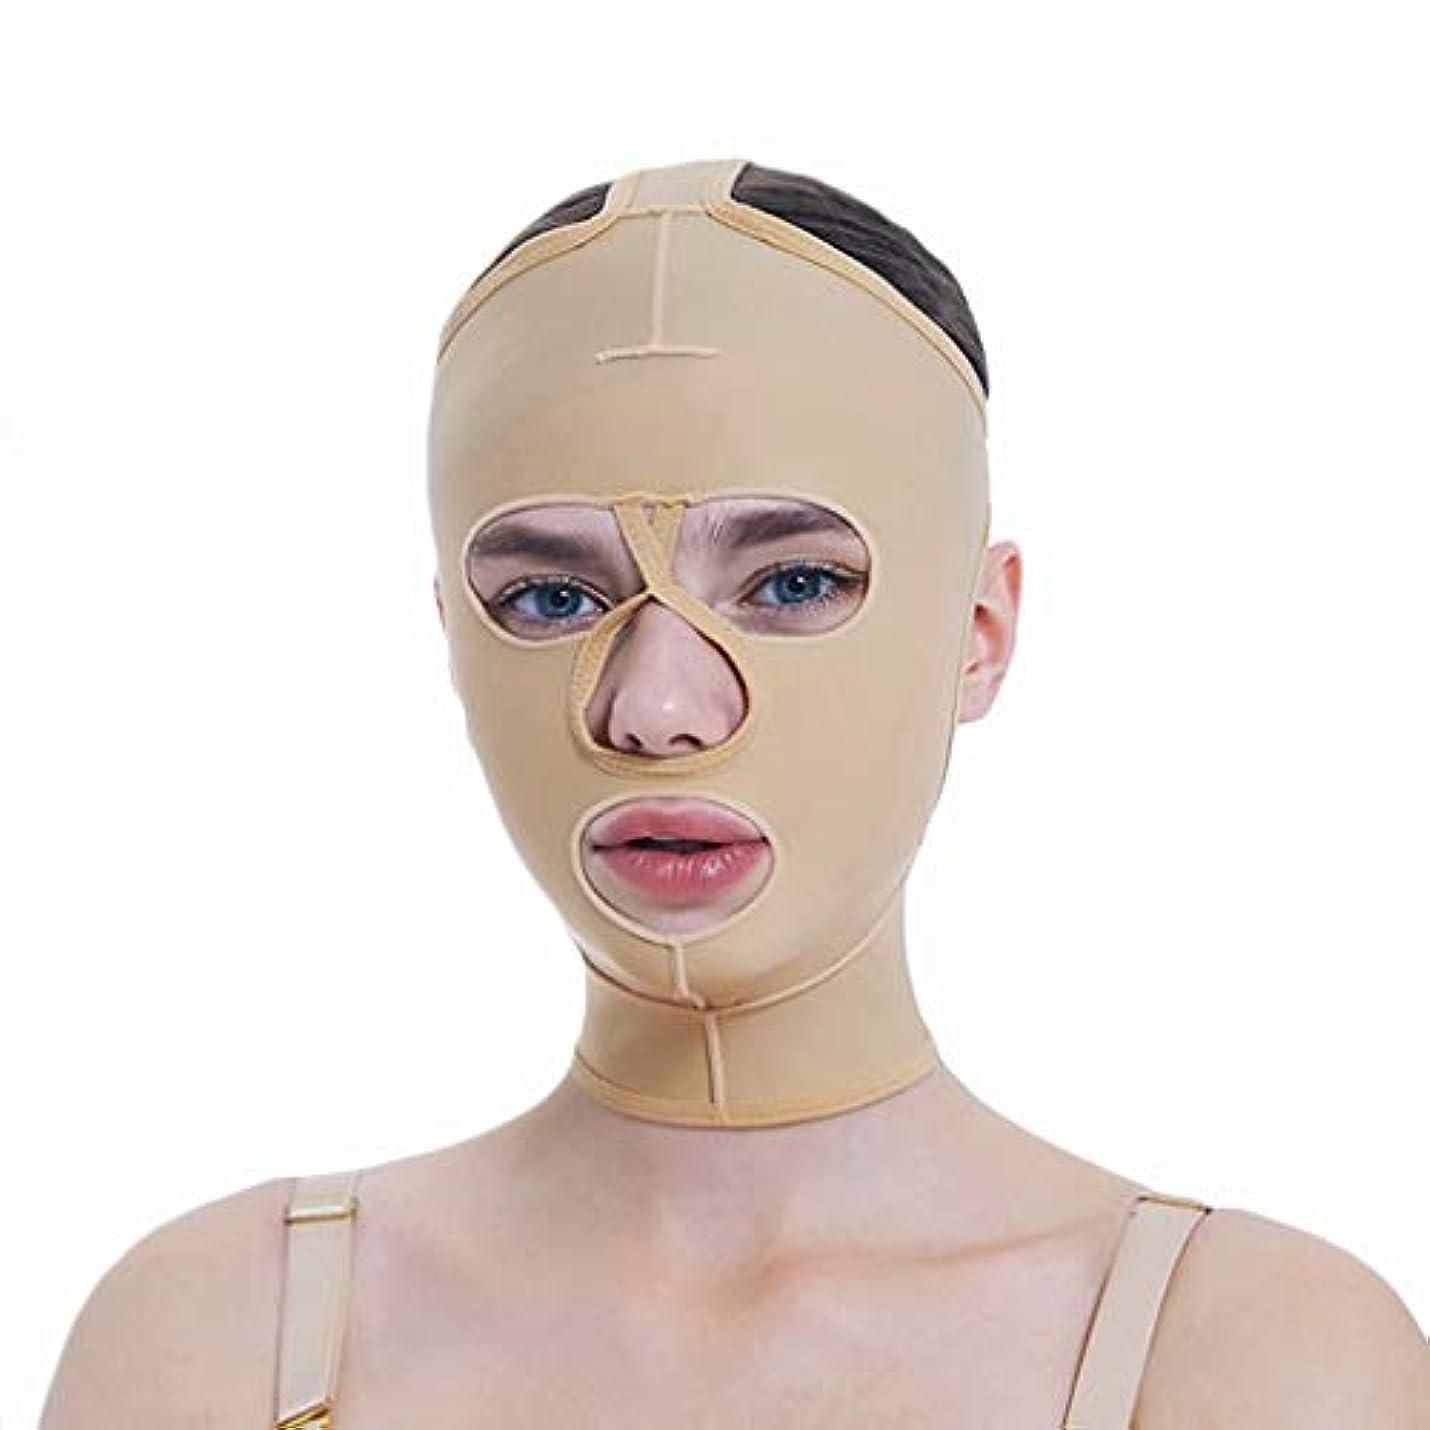 不毛のコーヒー乱雑なフェイシャル減量マスク、フルカバレッジ包帯、フルフェイスリフティングマスク、フェイスマスク、快適で リフティングシェーピング(サイズ:S),XXL